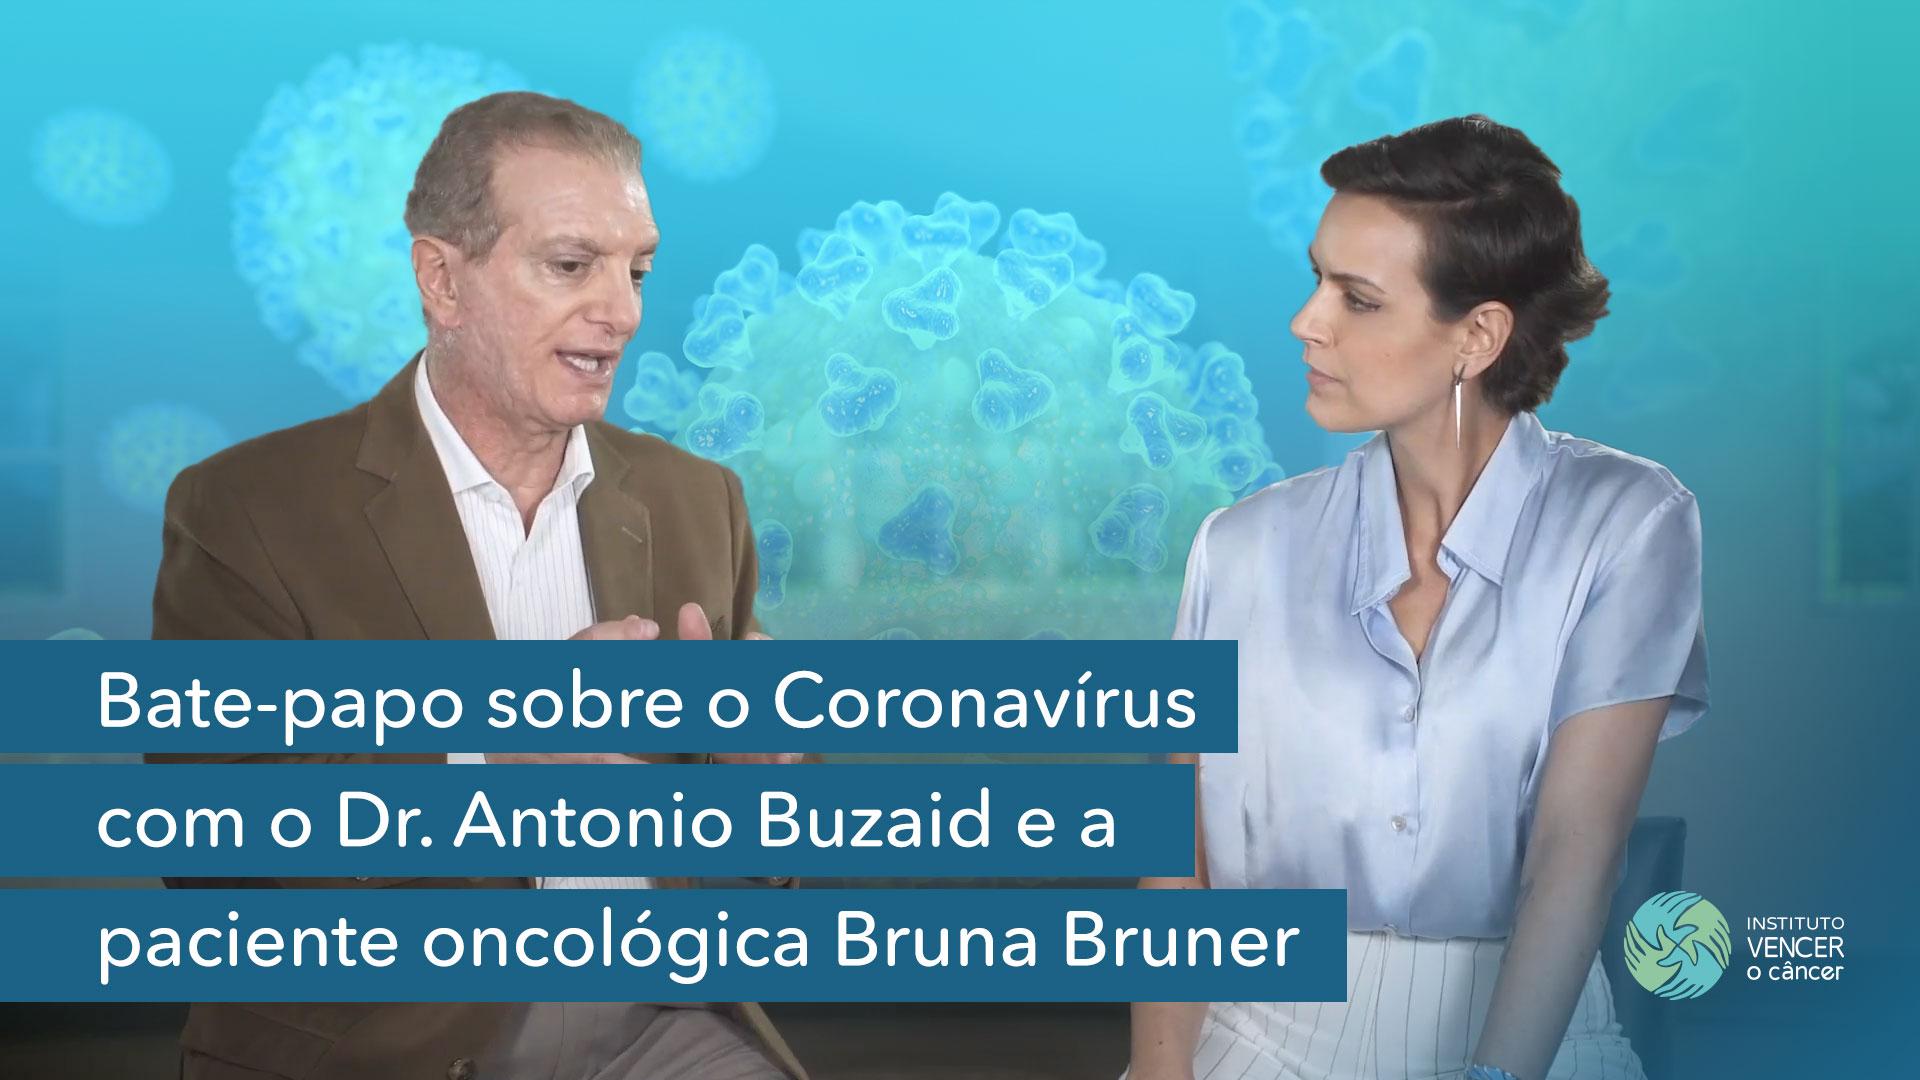 Bate-papo sobre o Coronavírus com o Dr. Antonio Buzaid e a paciente oncológica Bruna Bruner